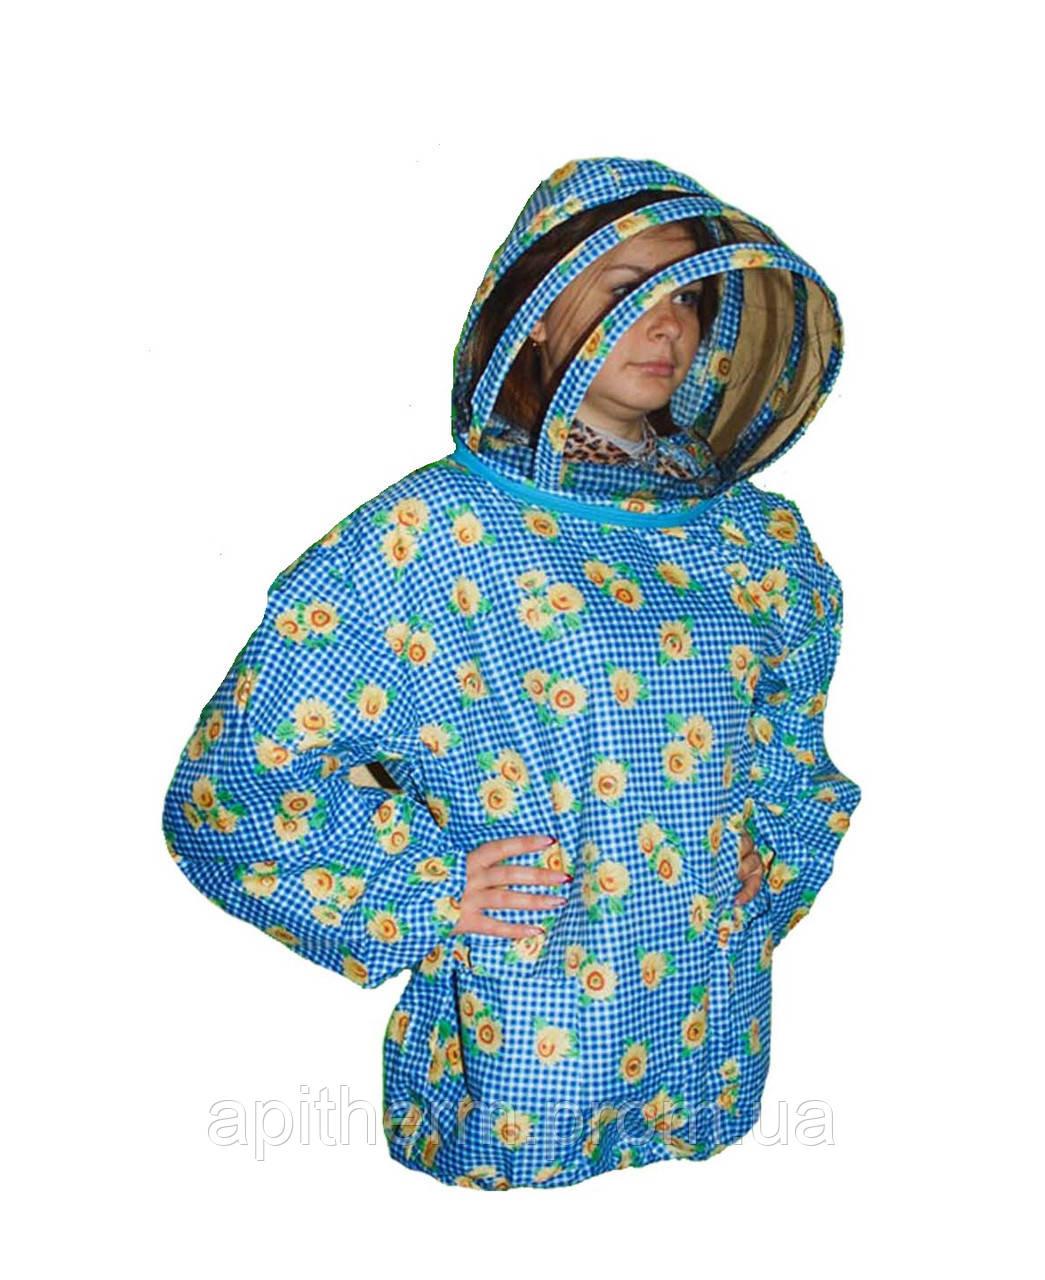 Куртка пчеловода Евро Без замка 100% Хлопок облегчённый. Размер XXL / 54-56